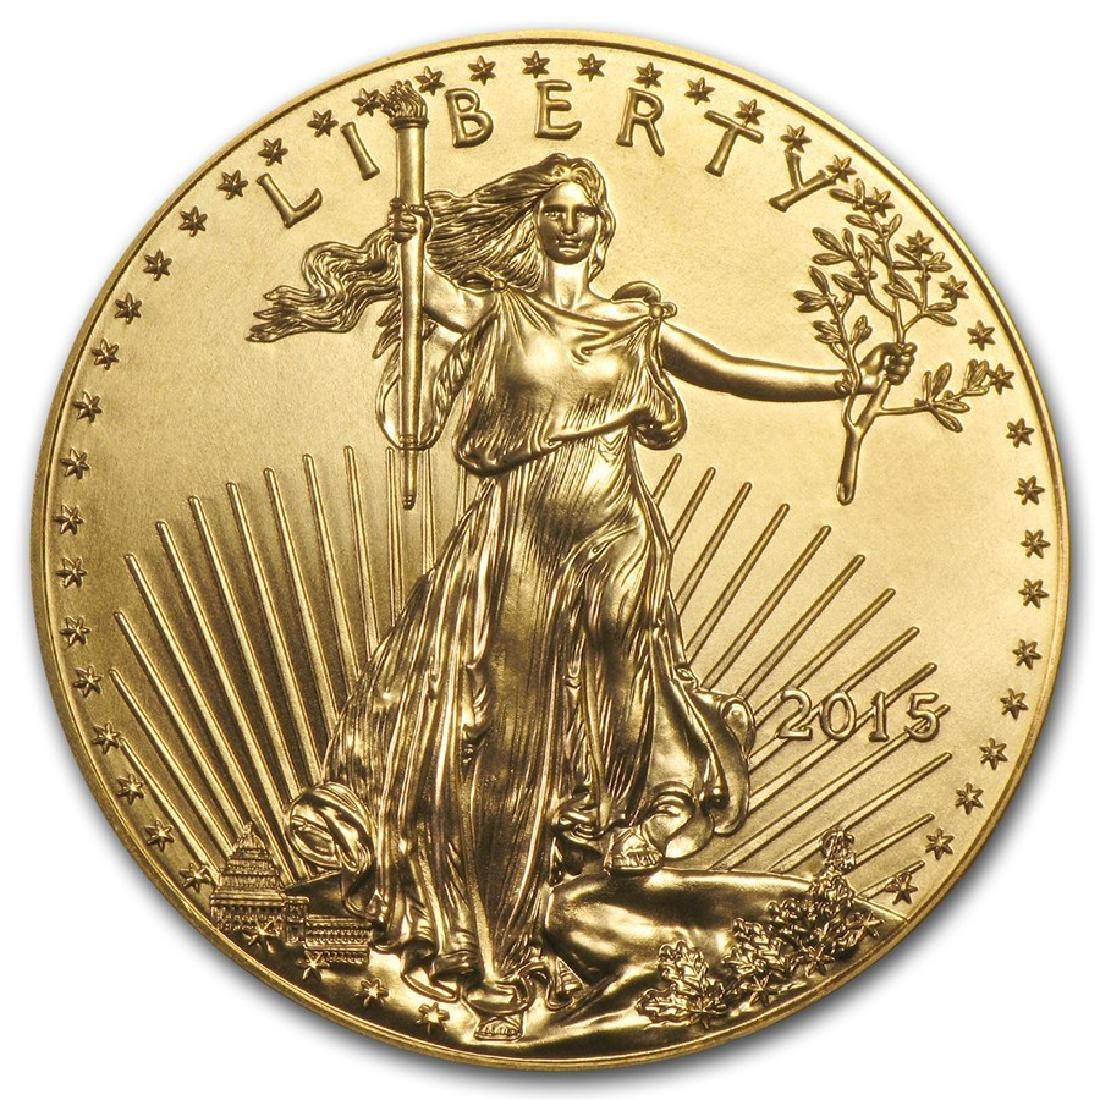 2015 $50 American Eagle 1 oz Gold Coin